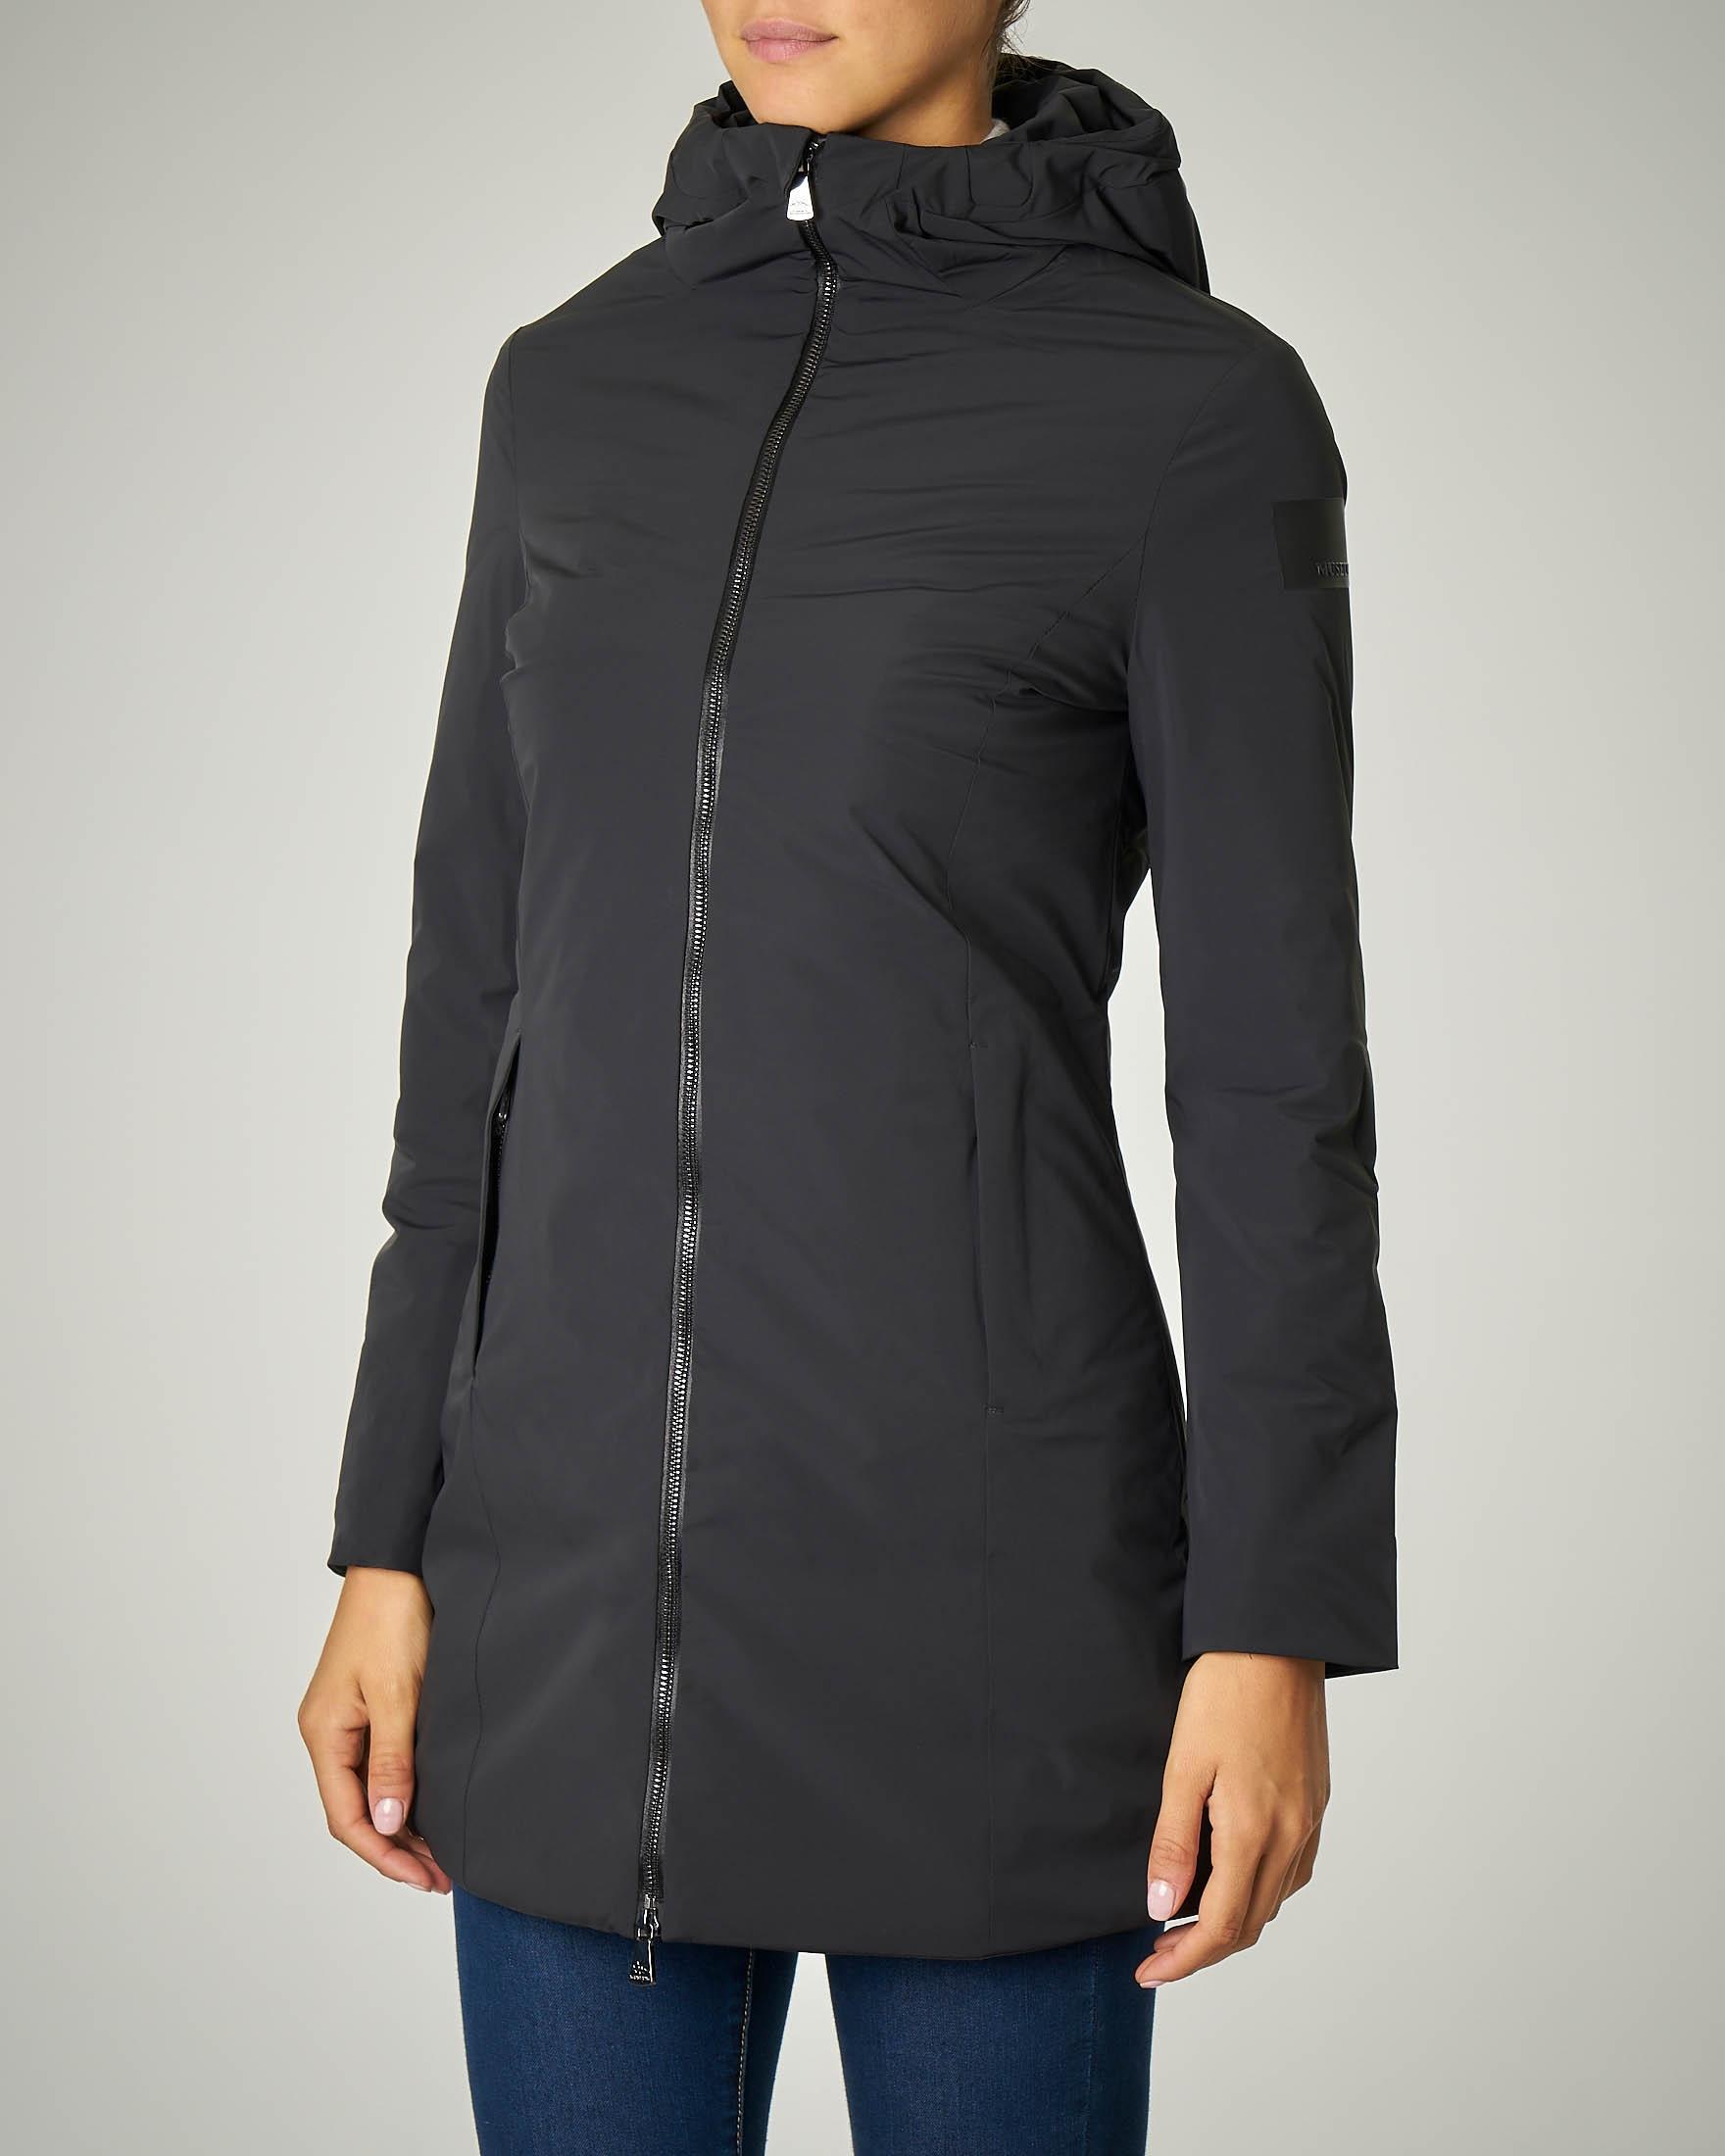 Cappotto lungo nero sfiancato con cappuccio